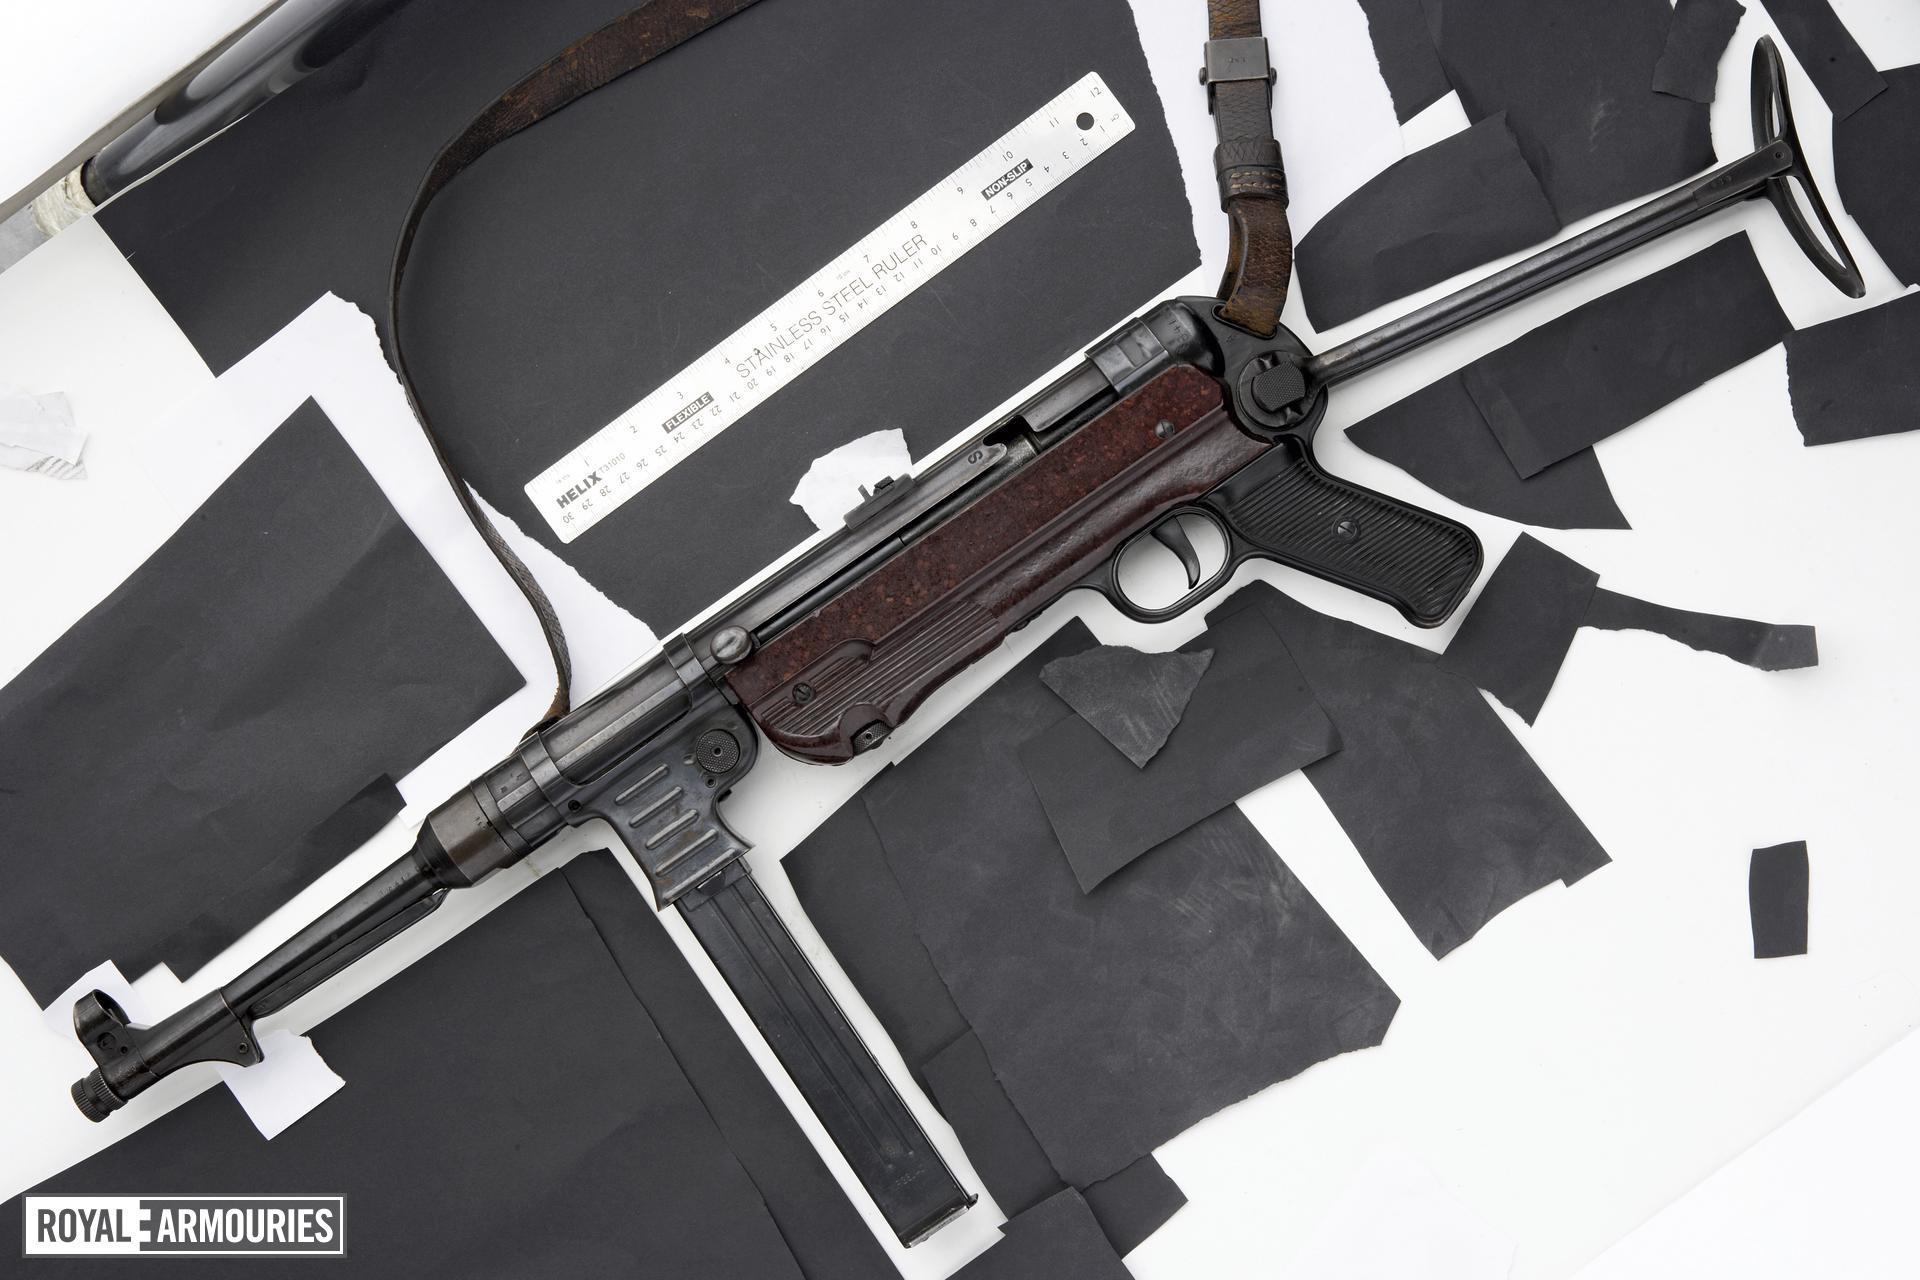 Centrefire automatic submachine gun - MP40